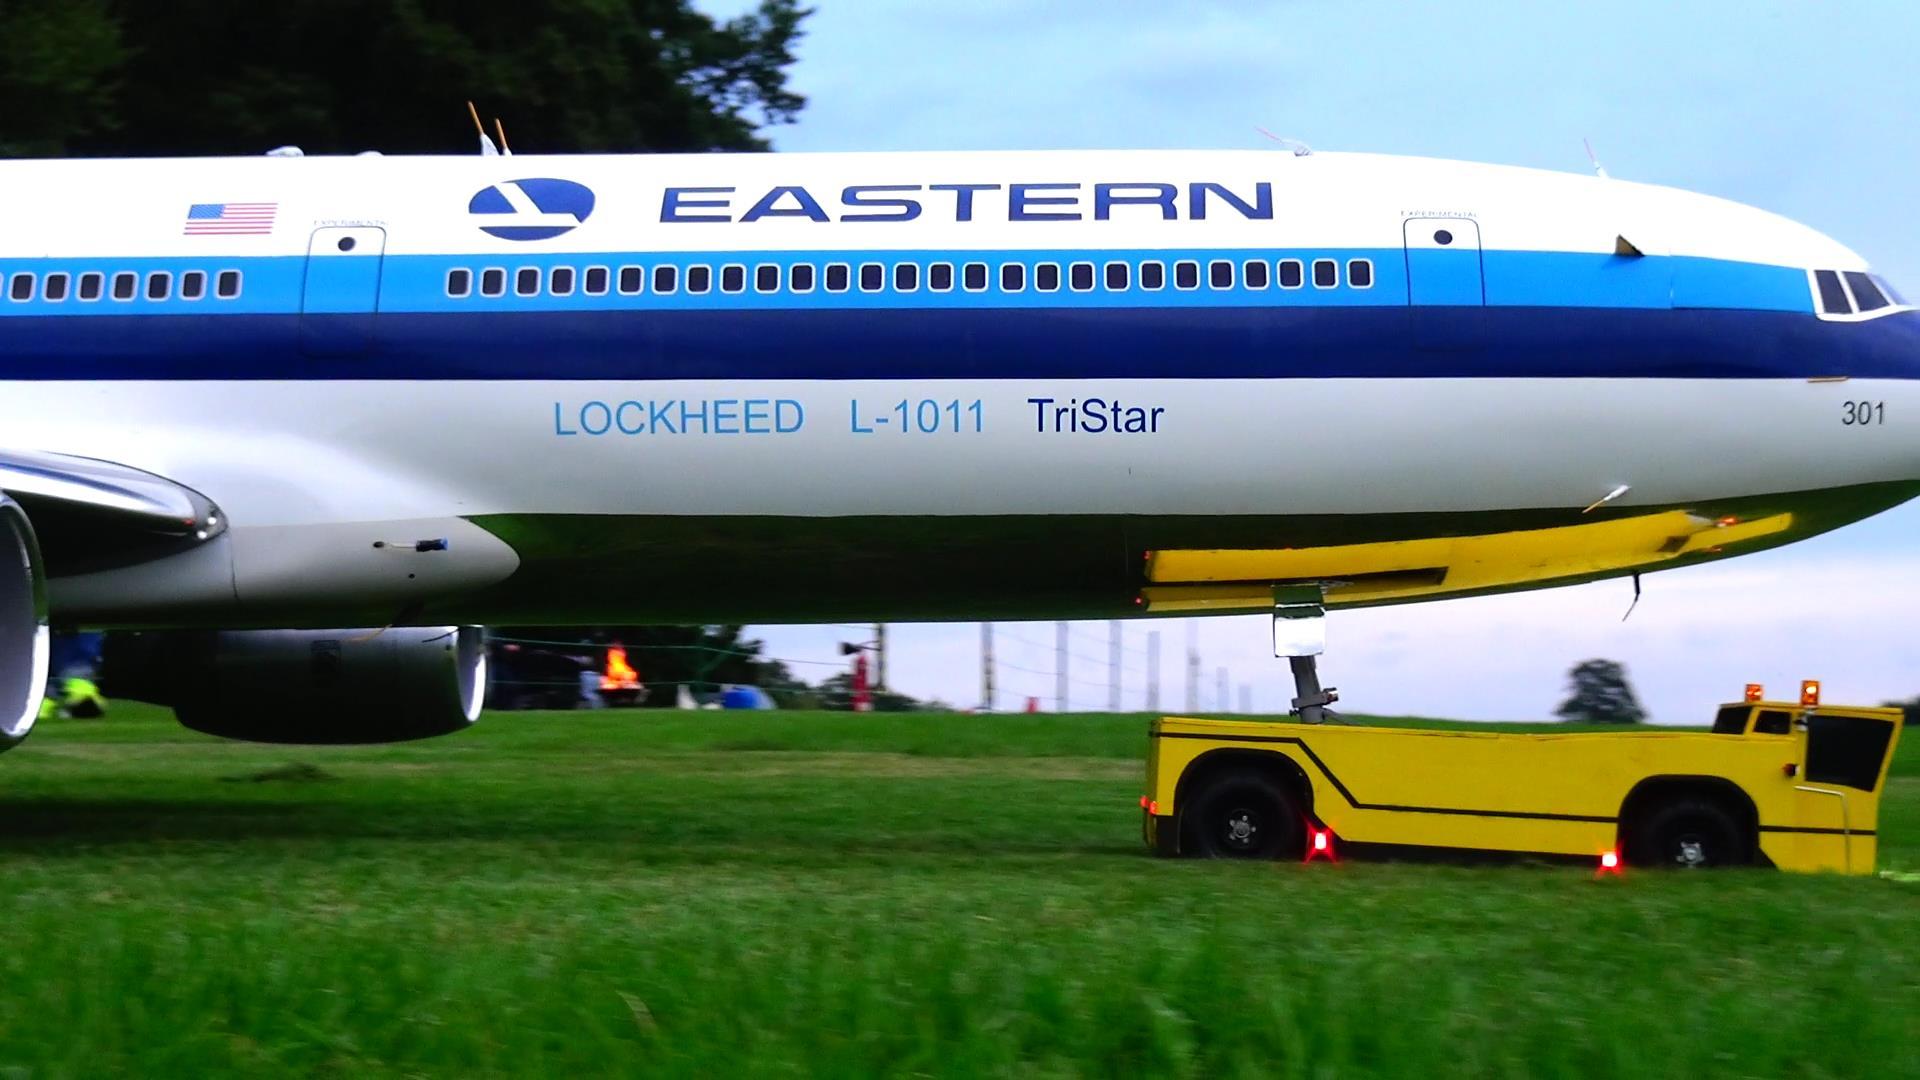 Phusback Lockheed TriStar L-1011